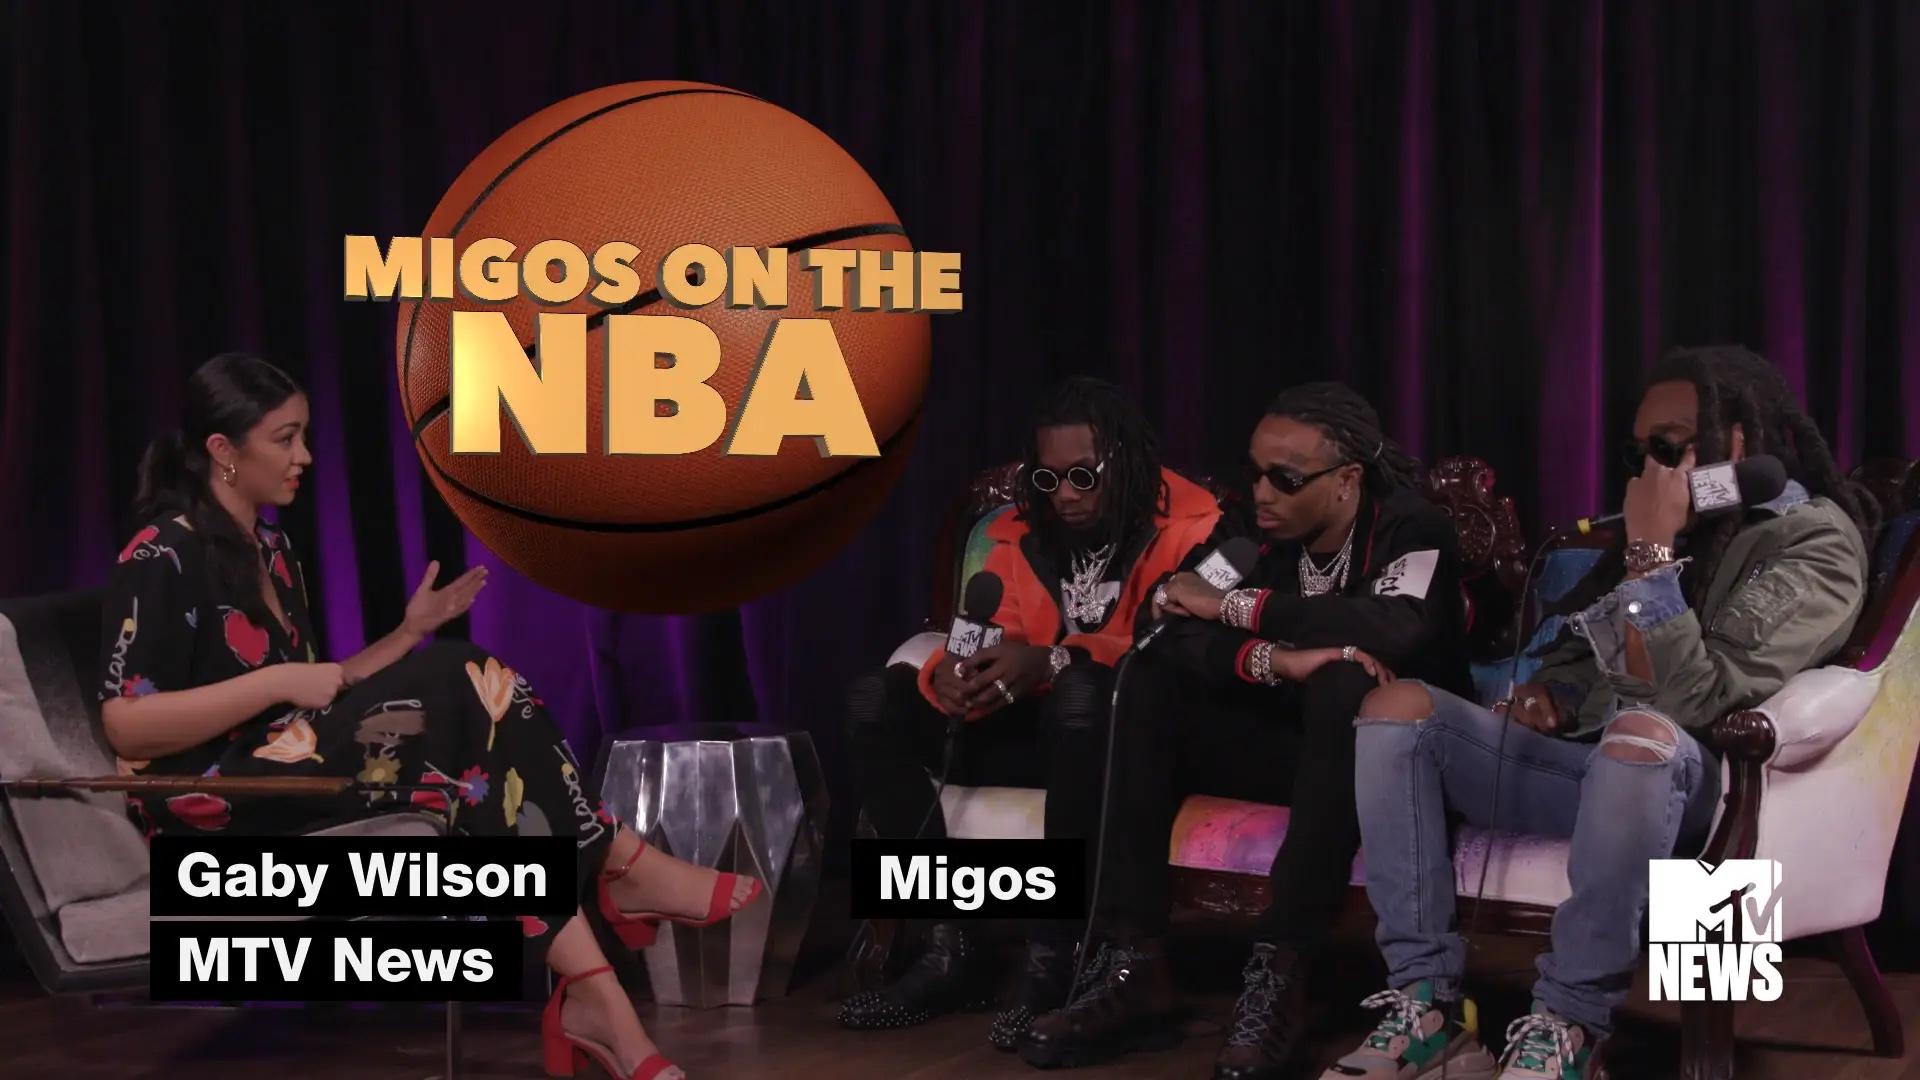 migos on basketball mtv news